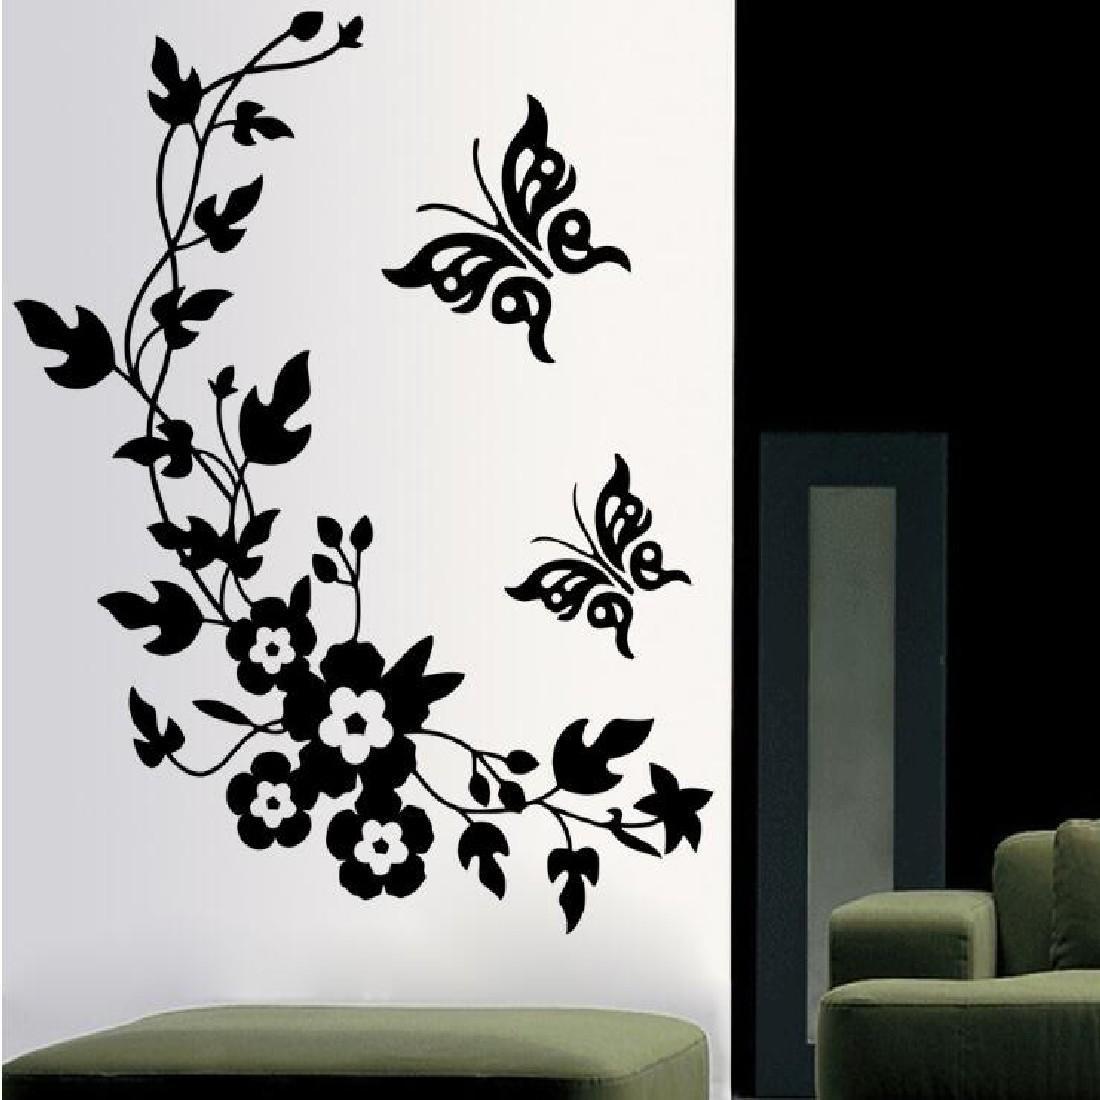 Sıcak Satış Çıkarılabilir DIY Duvar Kağıdı Siyah Kelebek Çiçek Duvar Sticker Çıkartması Ev Dekorasyon Yeni Moda